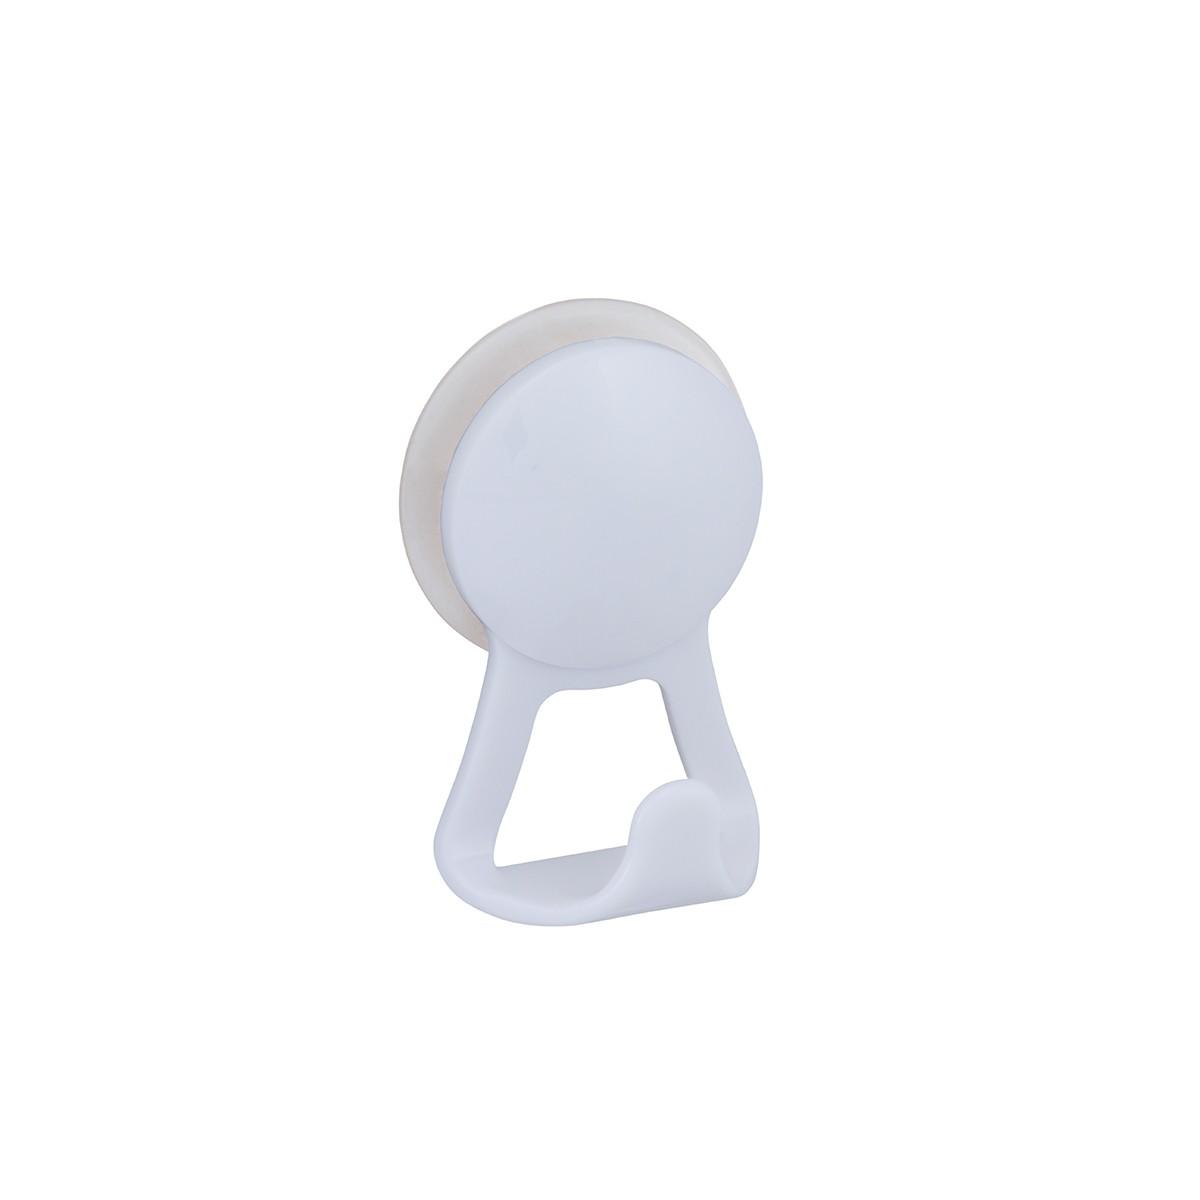 Κρεμαστράκι Spirella Tommy 05262.005 White